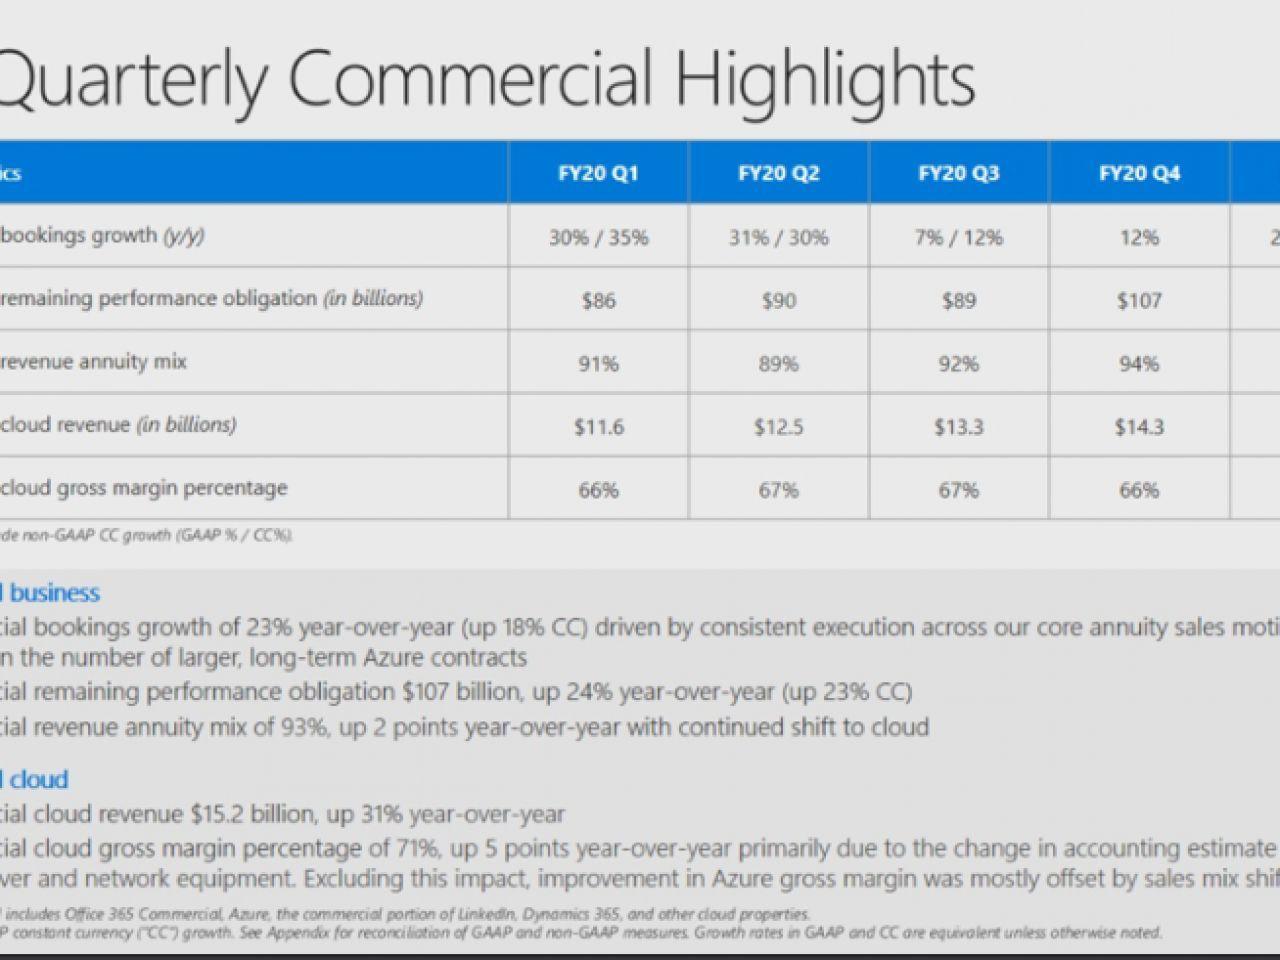 マイクロソフト、売上高と利益ともに予想上回る–「Azure」売上高は48%増